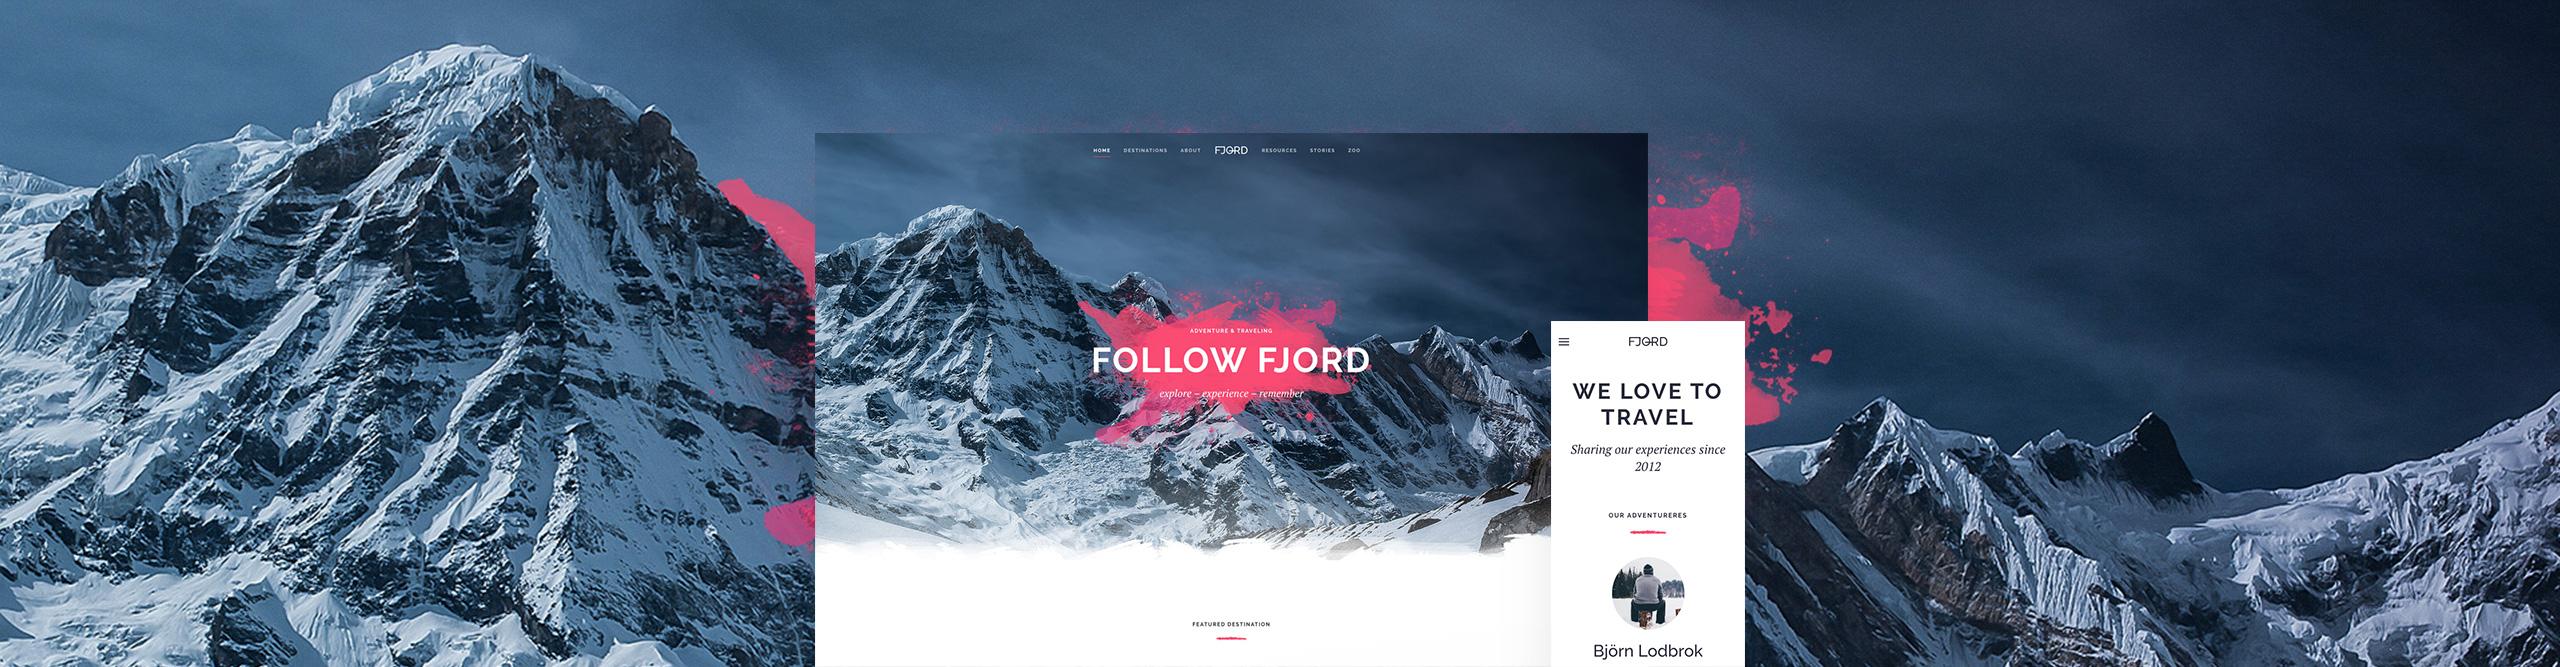 Fjord Theme for YOOtheme Pro - YOOtheme